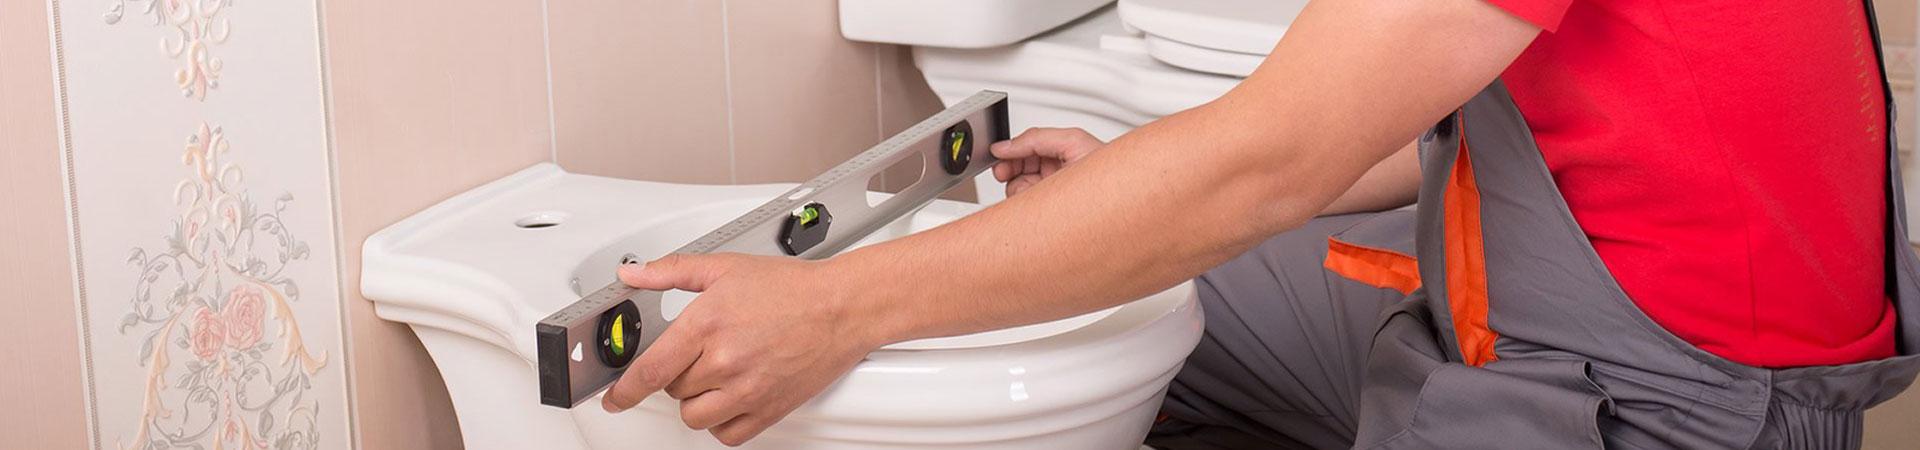 Toilet Repair & Service